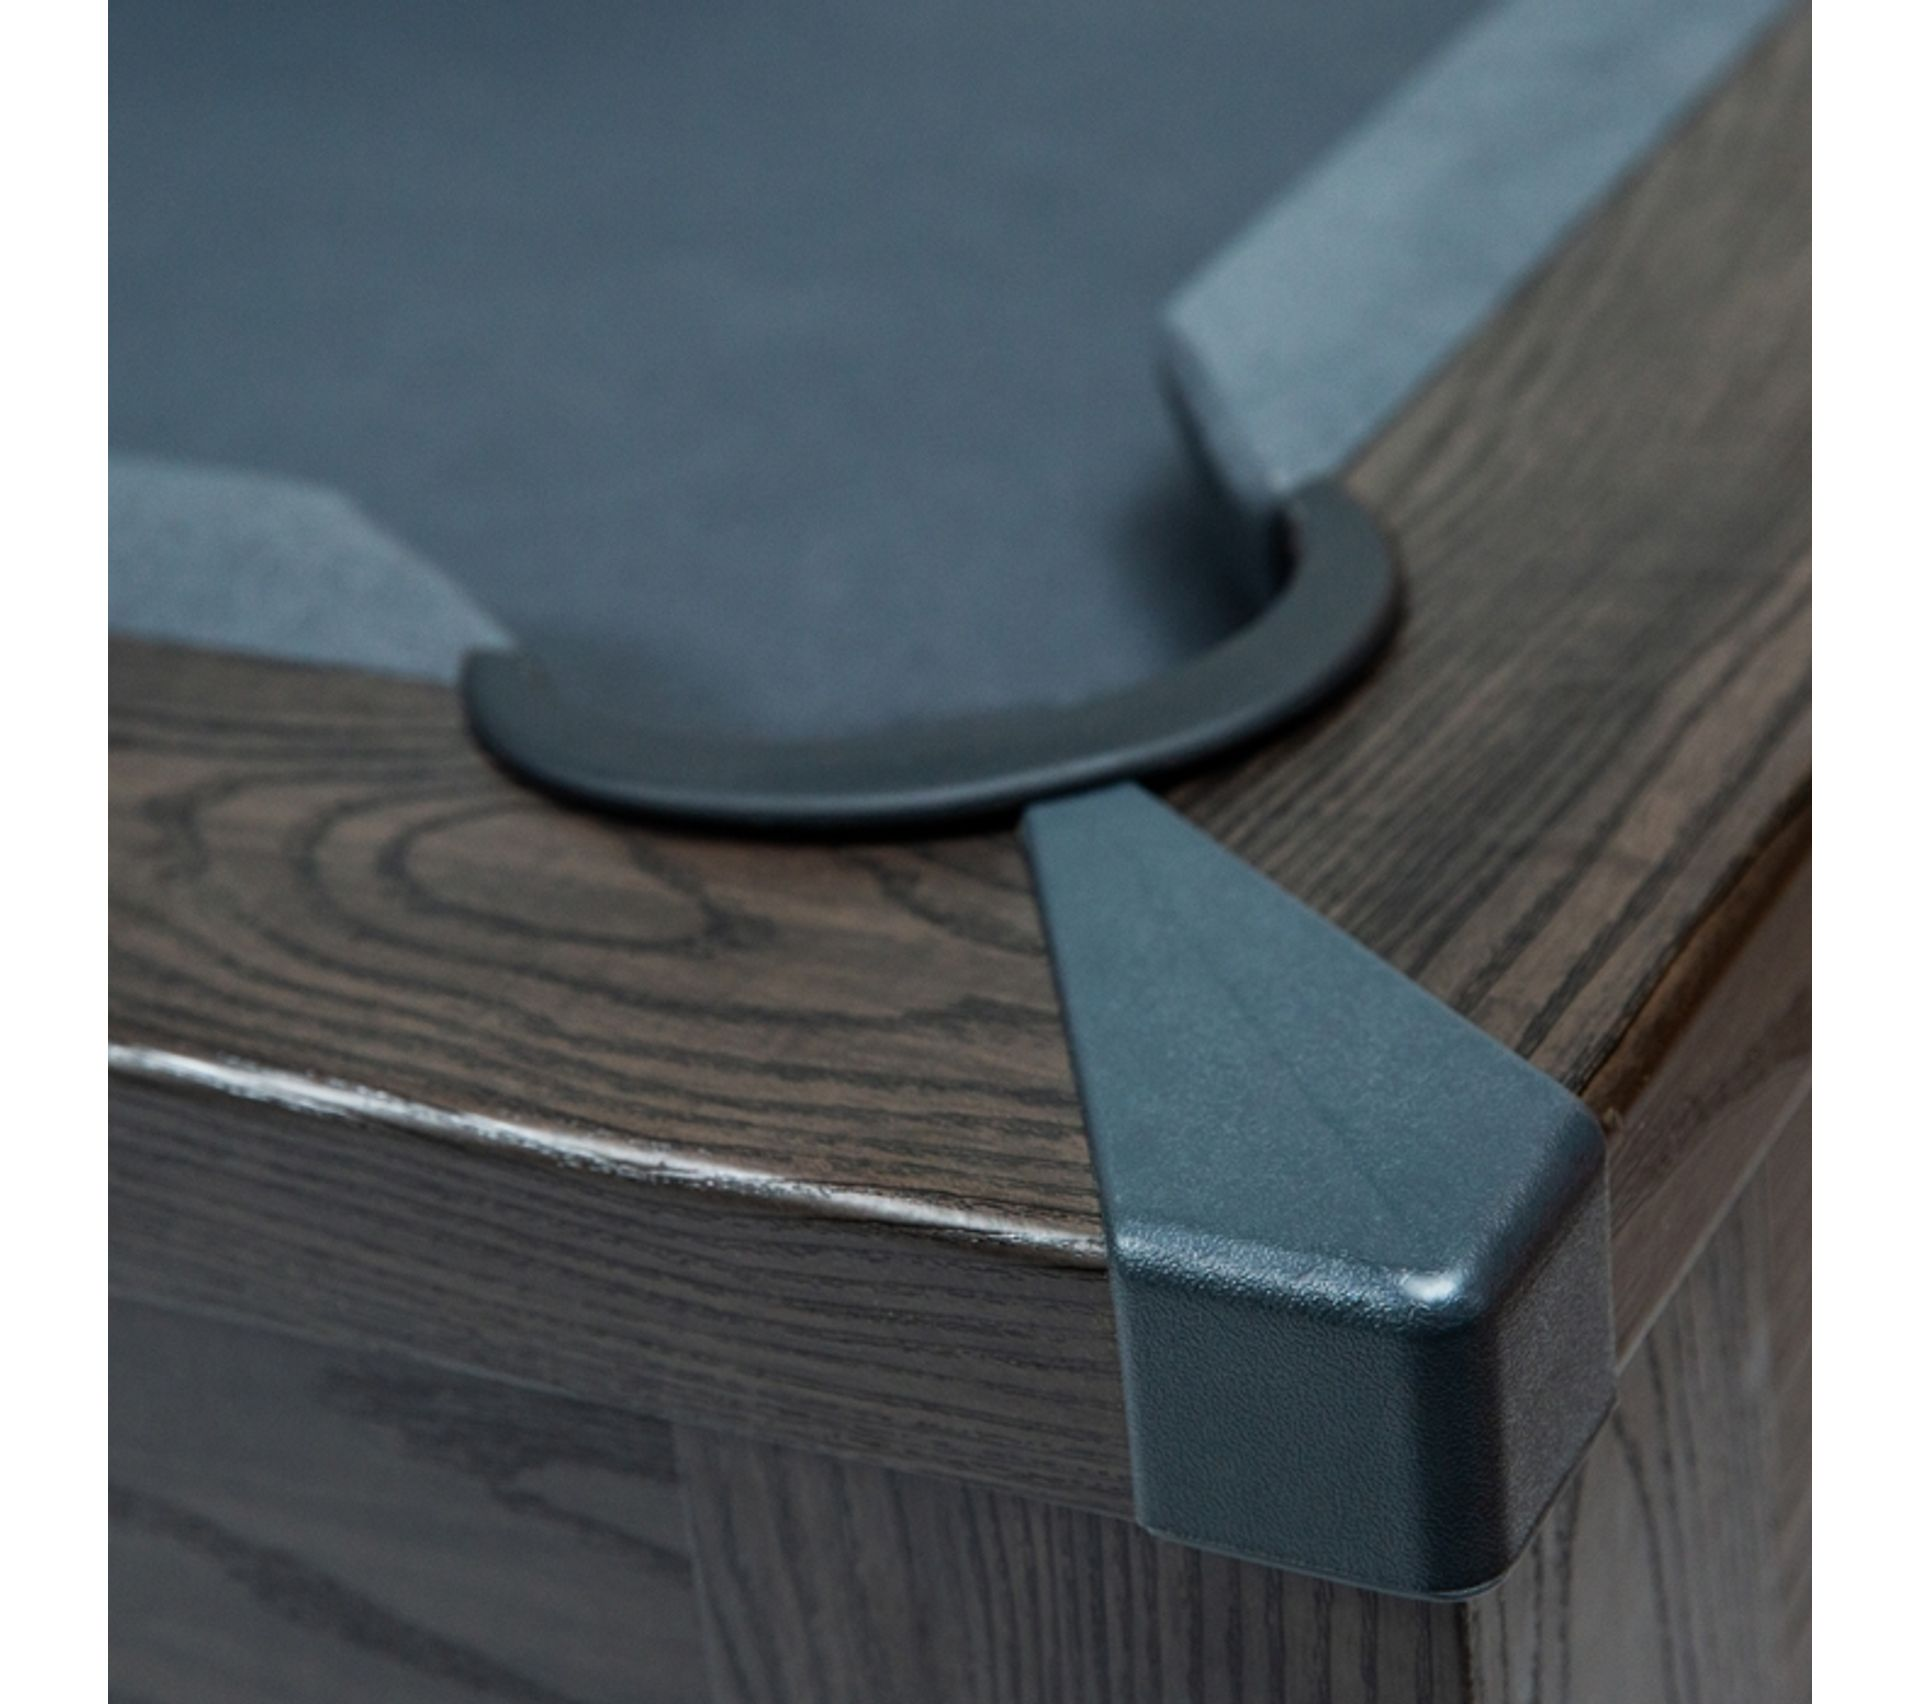 La Chaise Longue Billard table de billard rectangulaire convertible bois foncé tapis gris